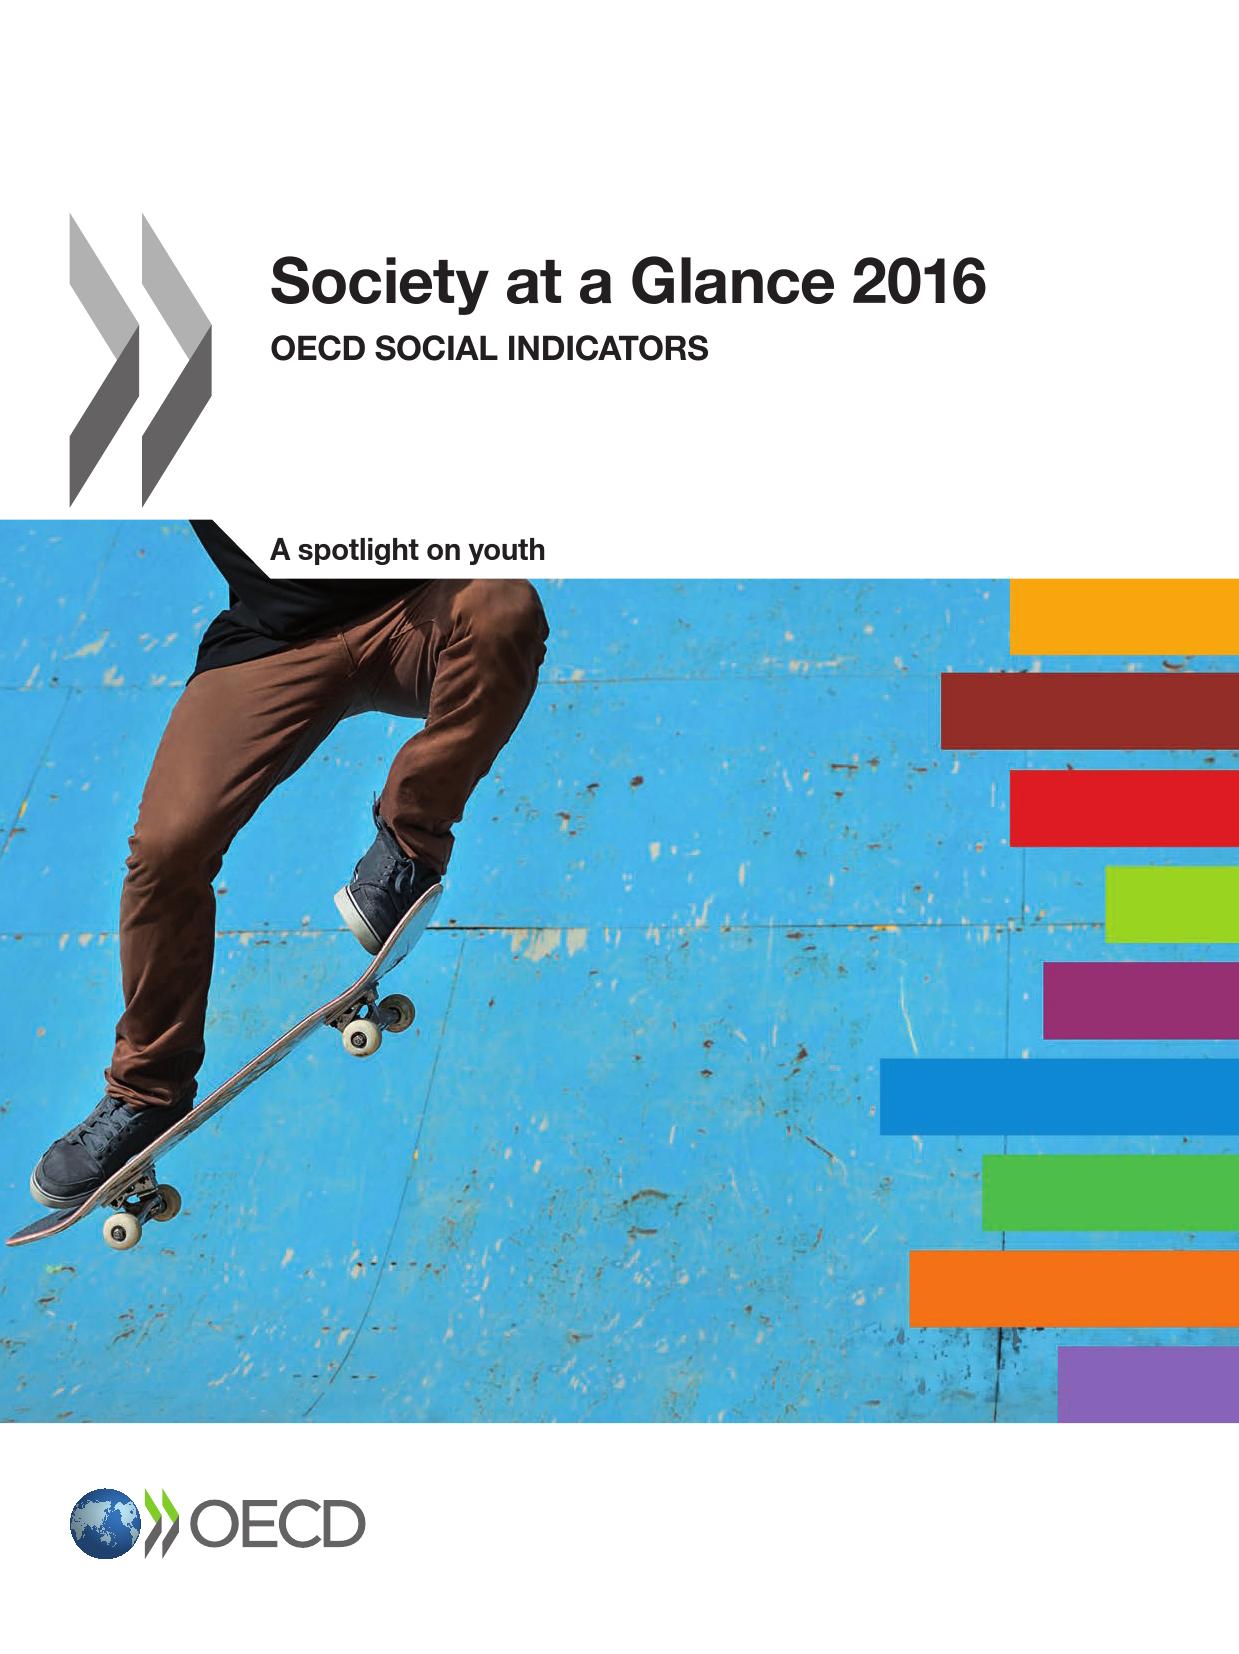 2016年OECD国家社会概览报告_000001